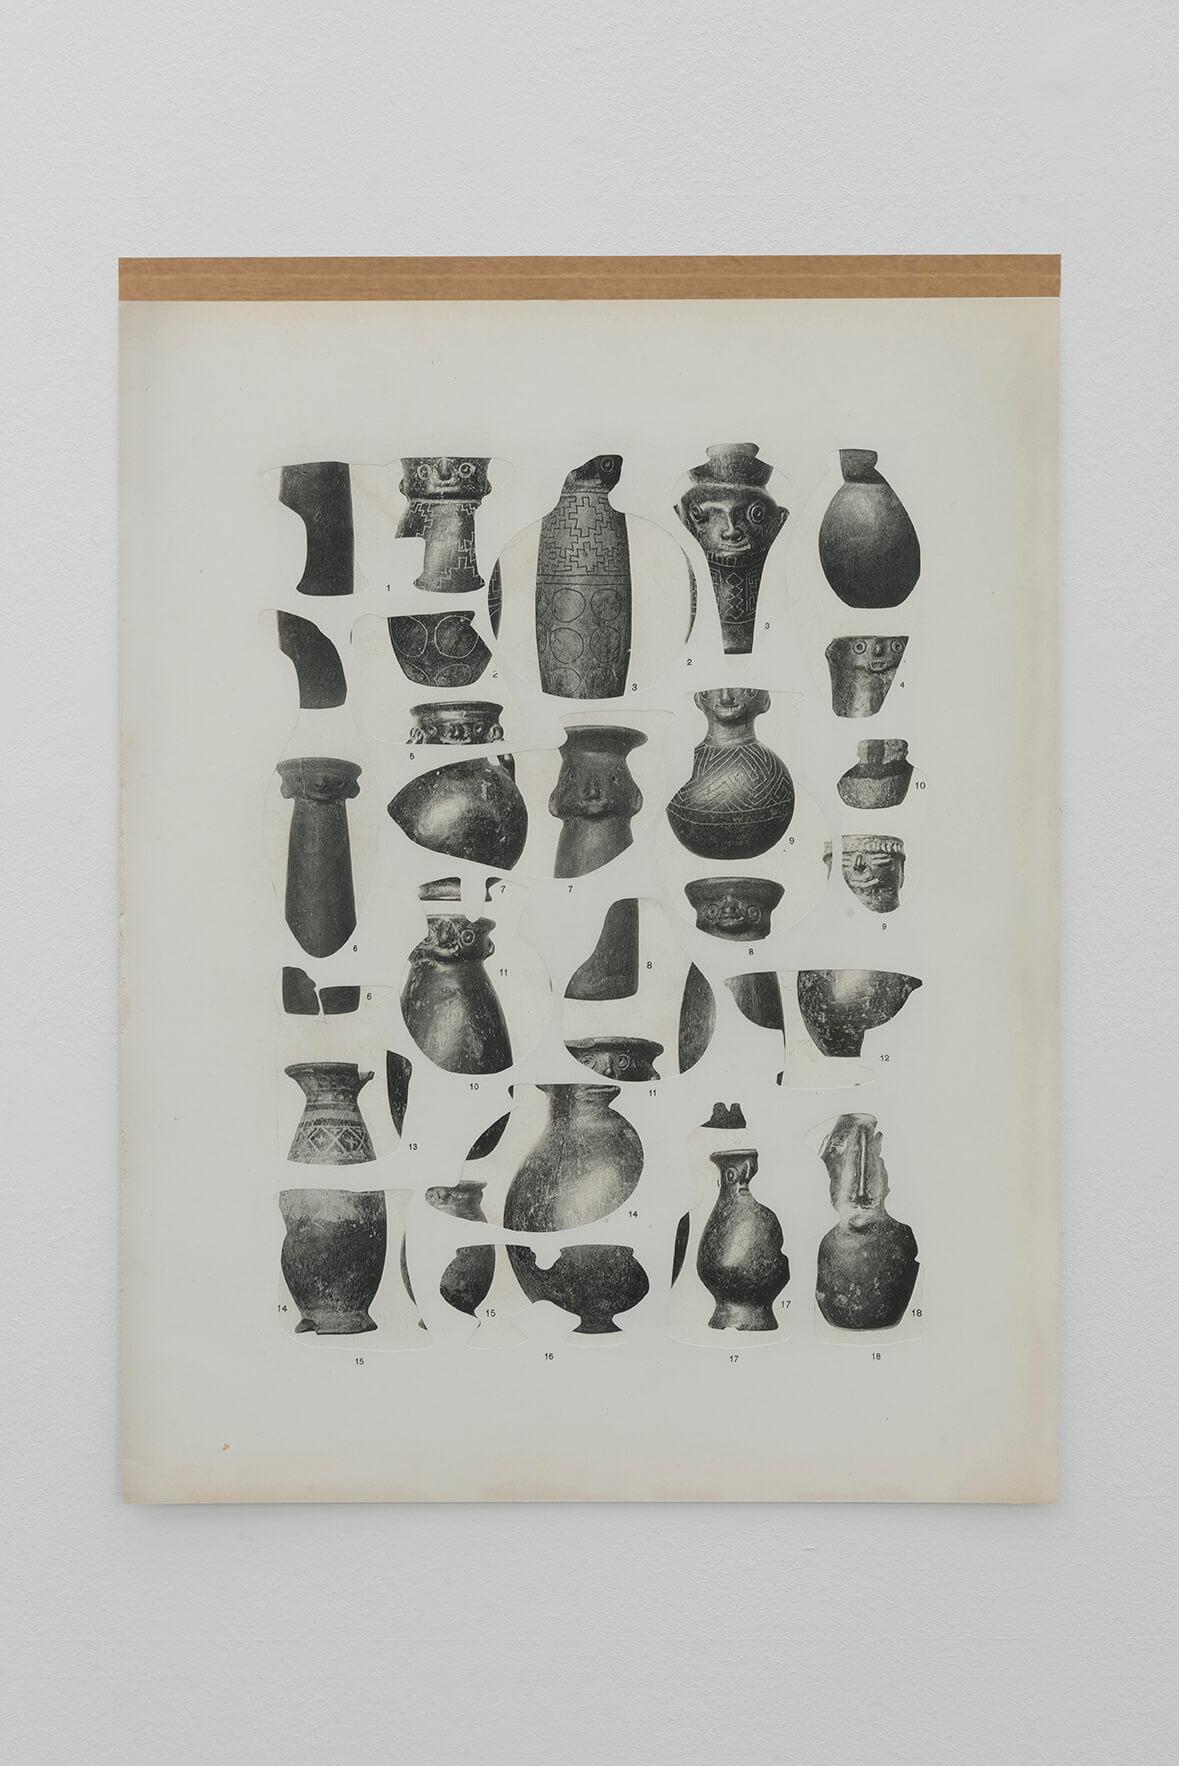 Geodesia y antropometría (vasijas), 2016 | Concavitat | ProjecteSD